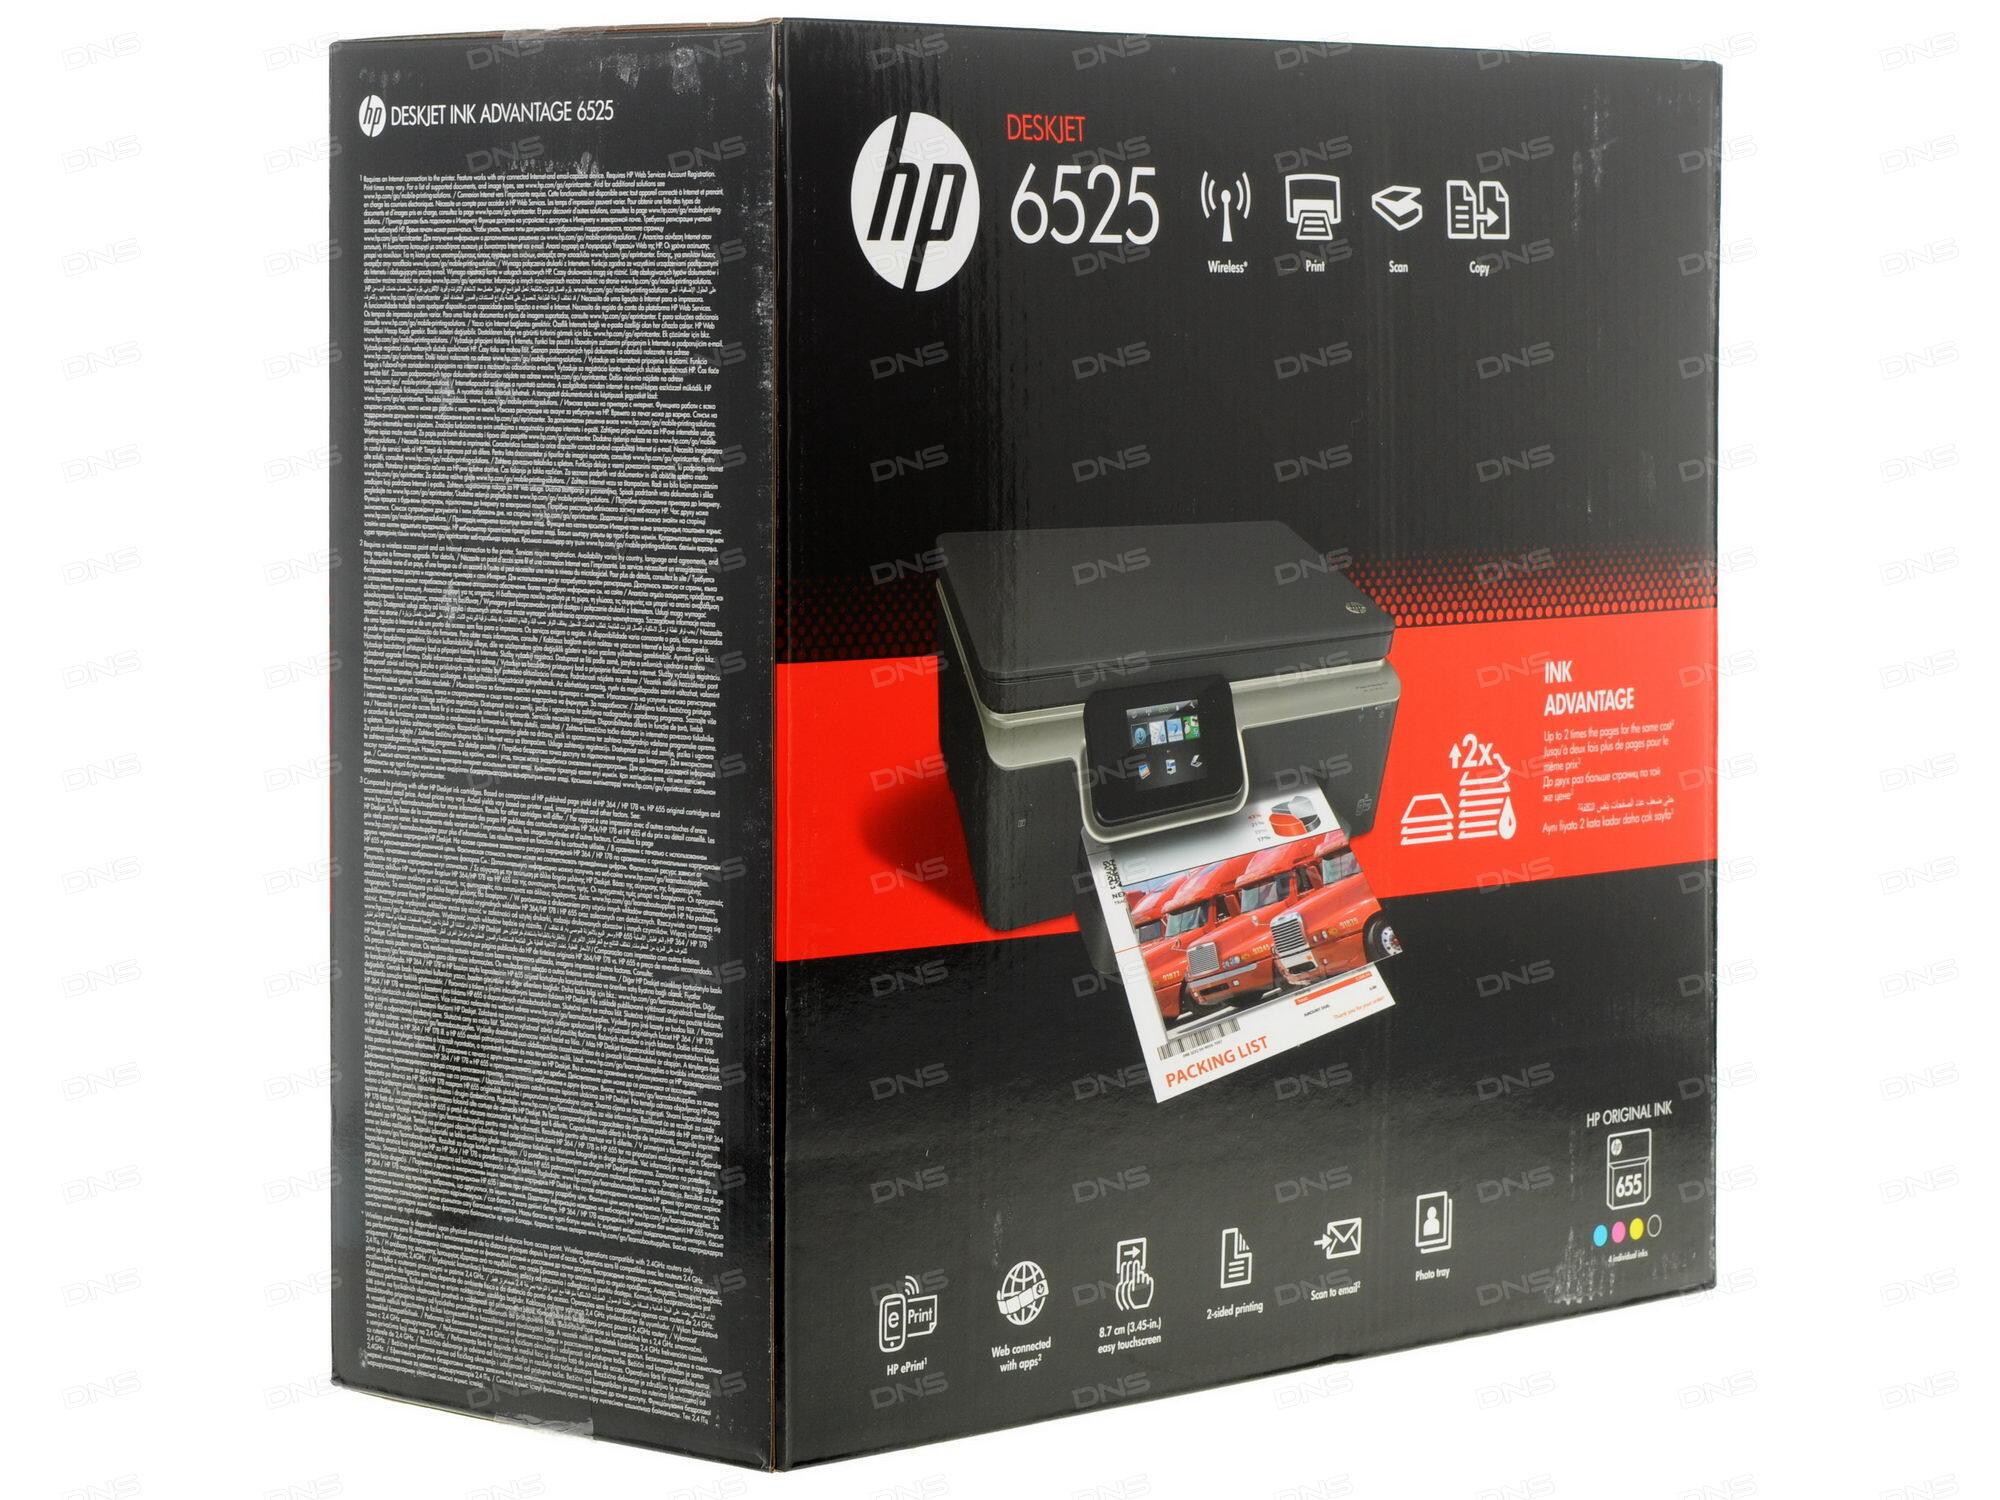 hp deskjet ink advantage 6525 e-all-in-one мфу струйное HP Deskjet Ink Advantage 6525 e-All-in-One МФУ струйное